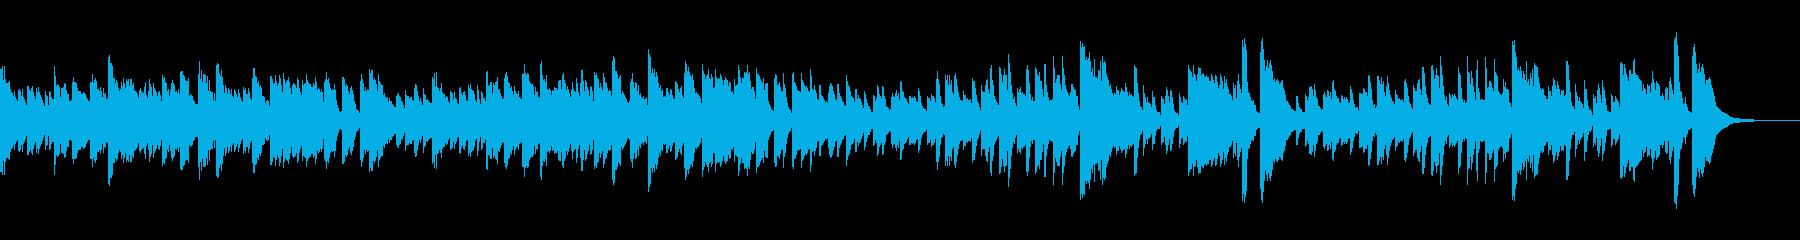 ピアノ練習曲/ブルグミュラー無邪気の再生済みの波形